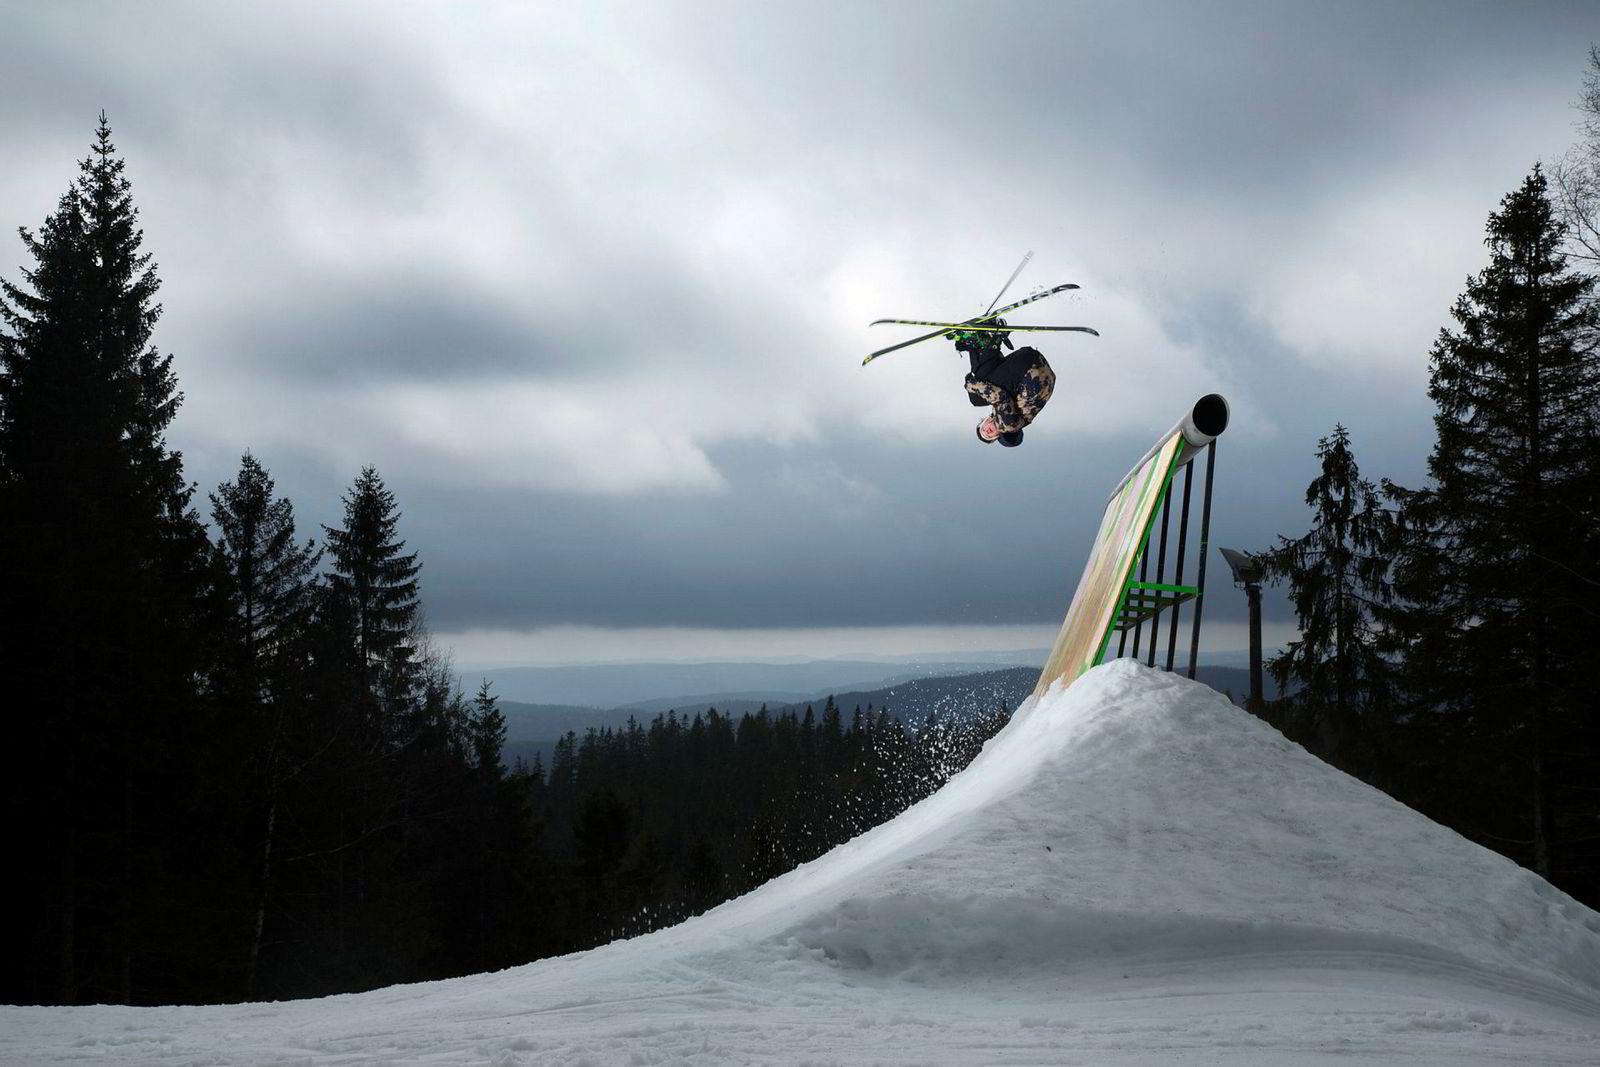 I sin jakt på OL-medaljer trener freeski-utøver Felix Usterud i time etter time på å kontrollere egen kropp mens han henger opp ned i luften. I Oslo Vinterpark finner han en av Norges morsomste terrengparker.